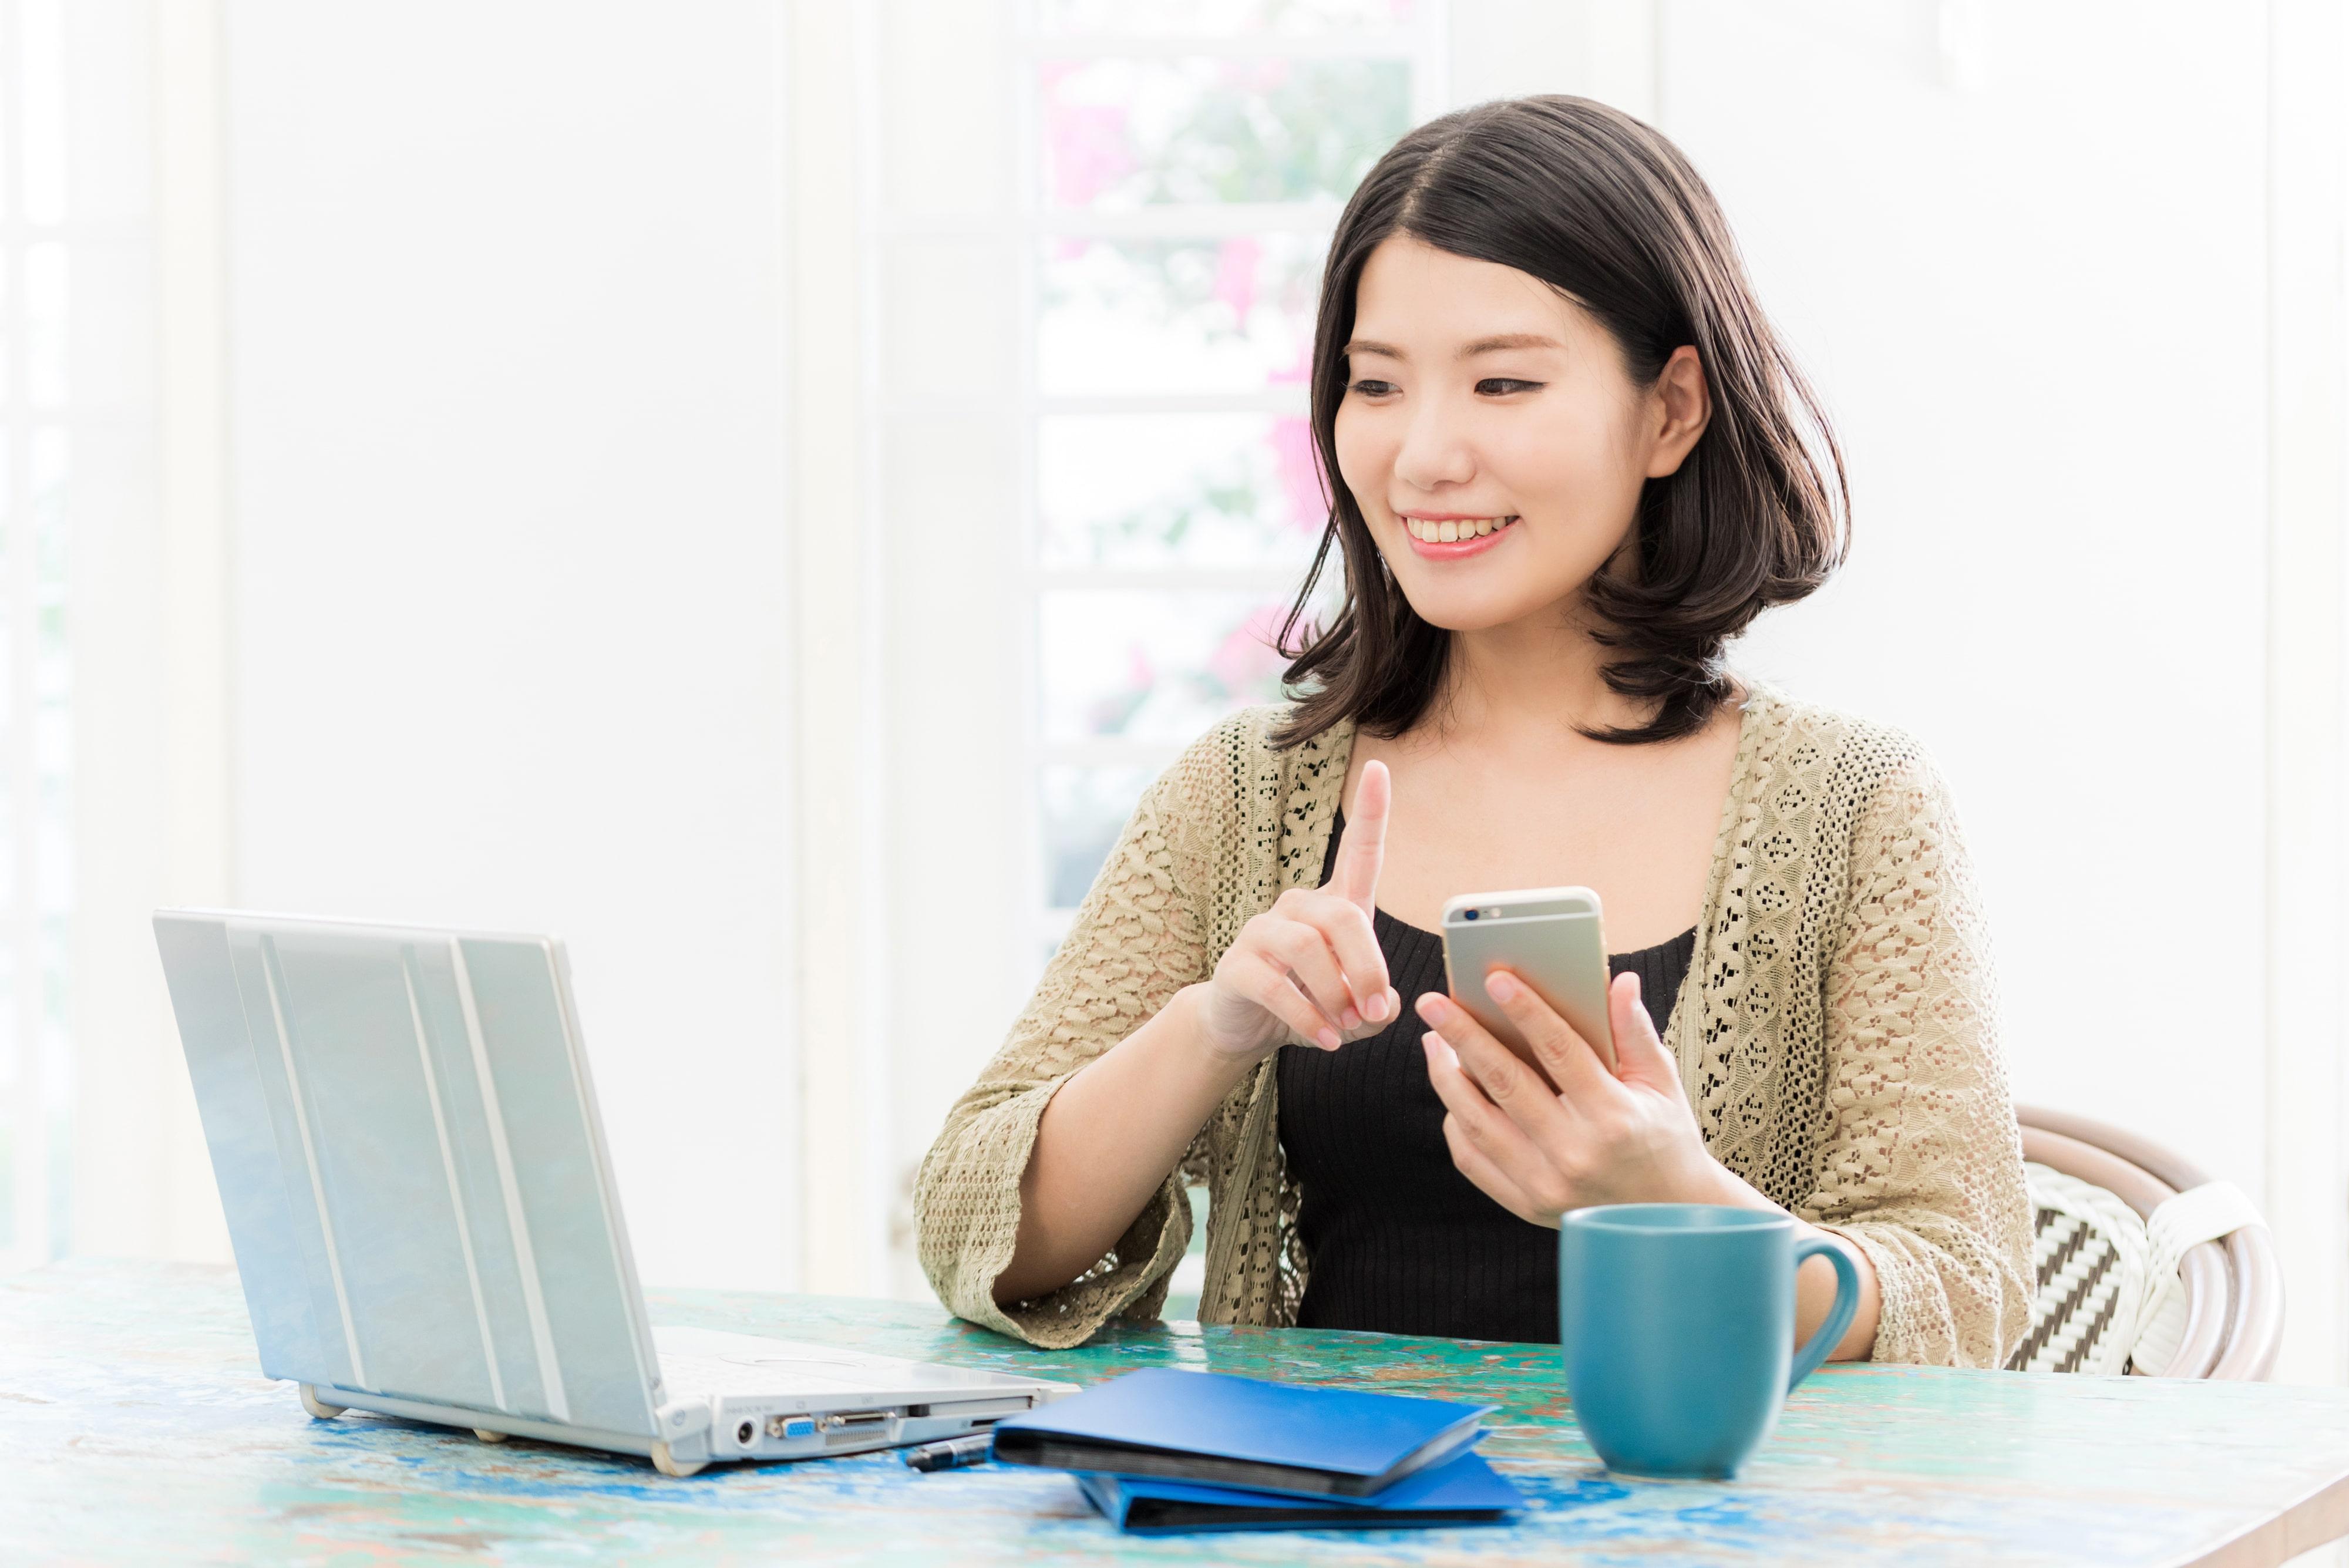 パソコンとスマホを操作する女性の画像